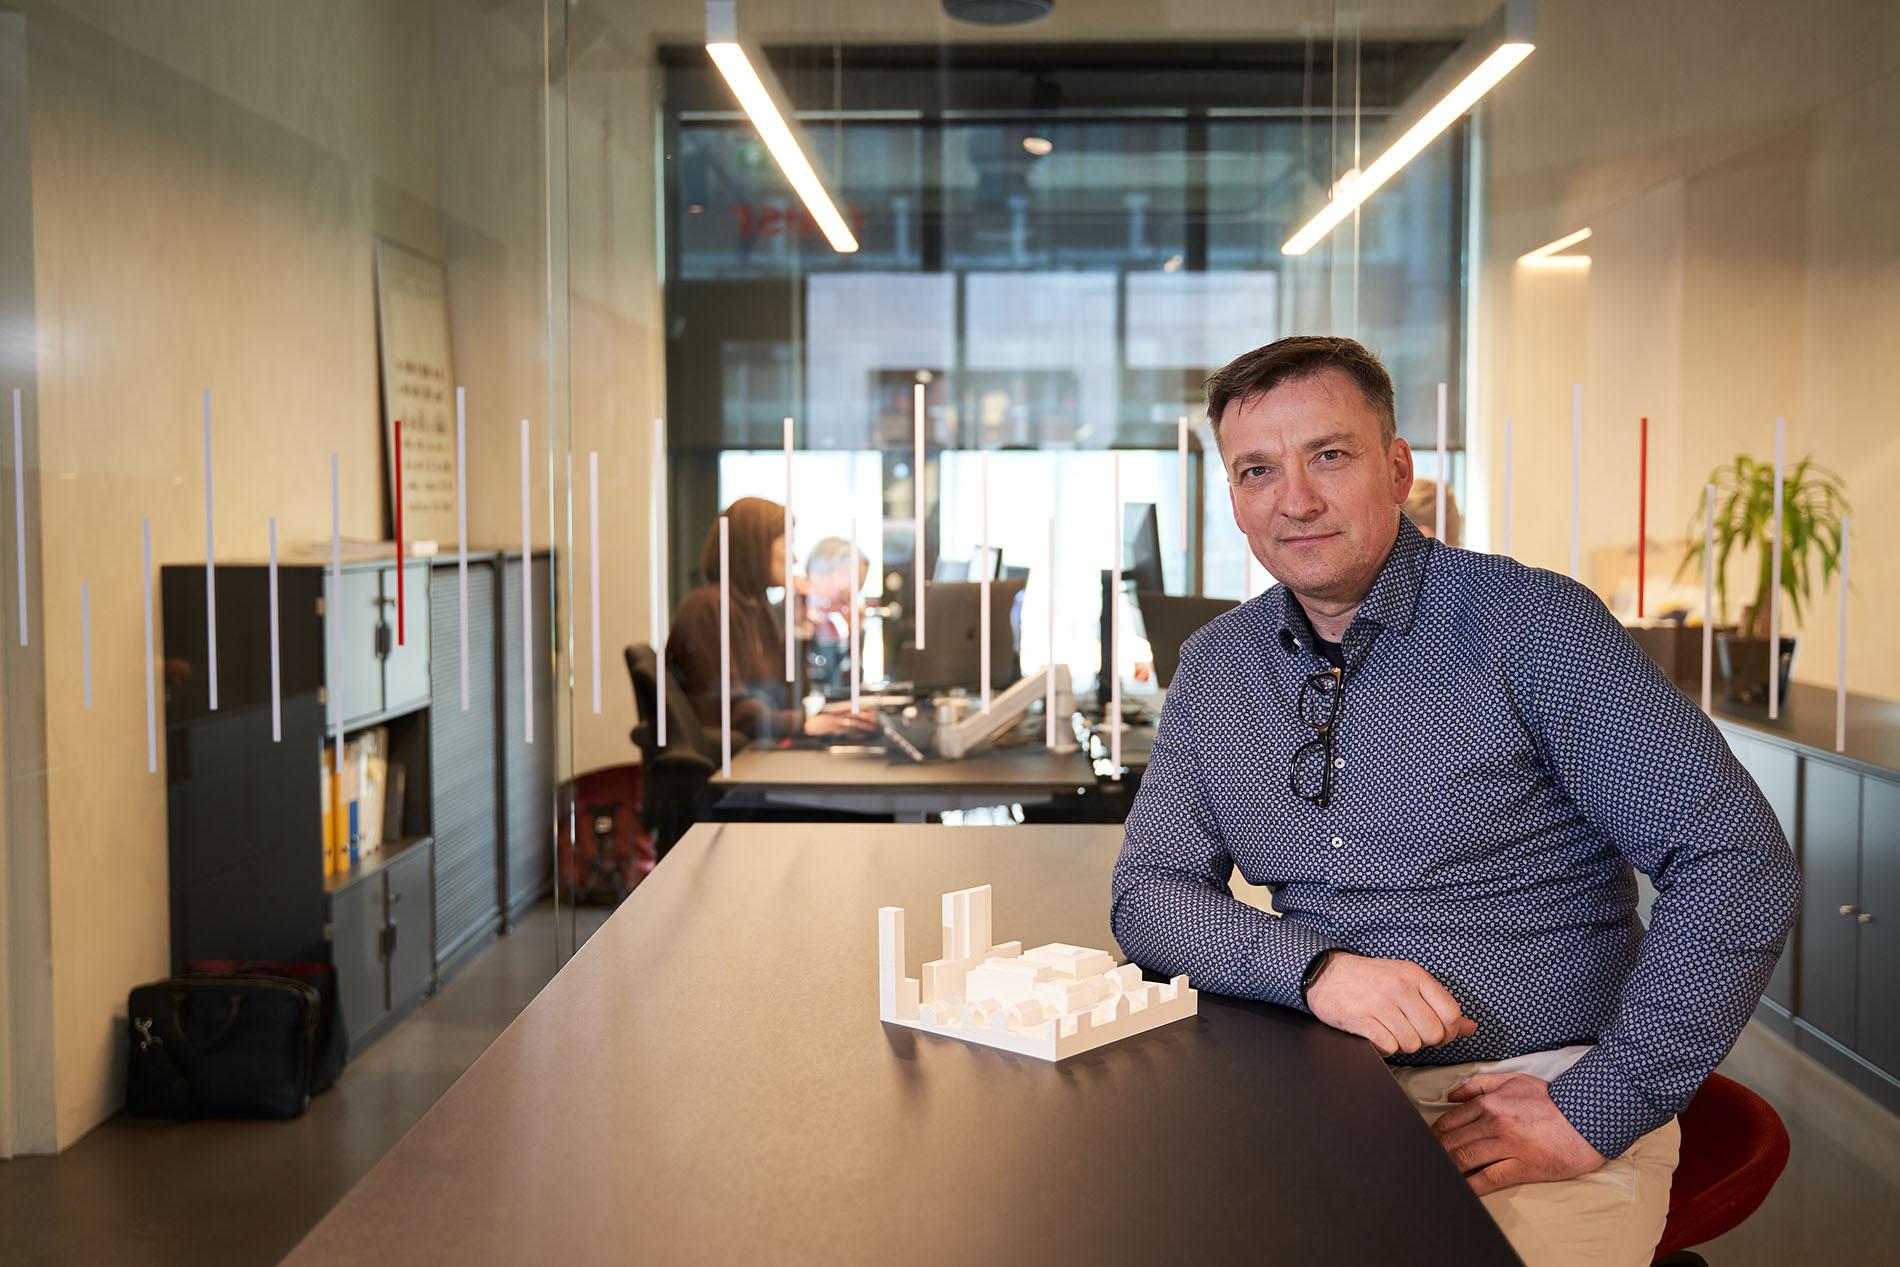 Gnist Arkitekter er blitt en viktig sparringspartner for utviklingen av et nytt kapittel i Bodø. På bildet daglig leder og arkitkt Lorents Urgård. Foto: Raymond Engmark